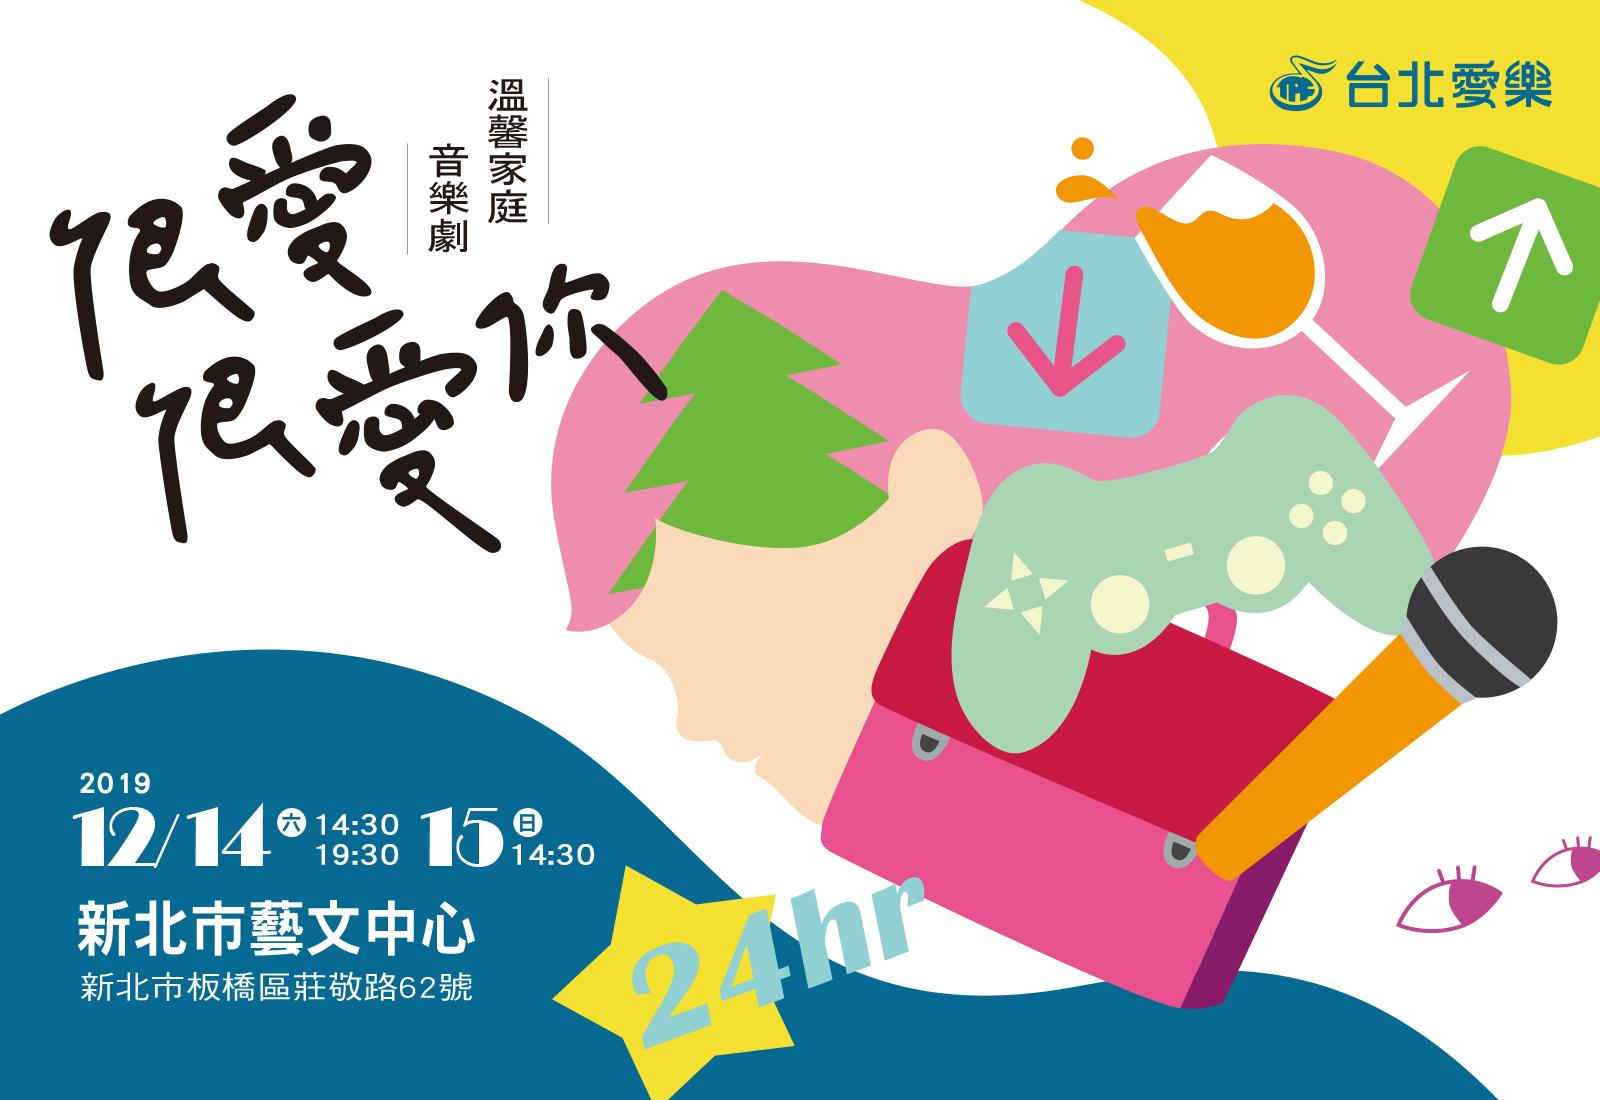 愛樂劇工廠—溫馨家庭音樂劇《很愛.很愛你》 2019饗宴新北市-愛上劇場系列節目